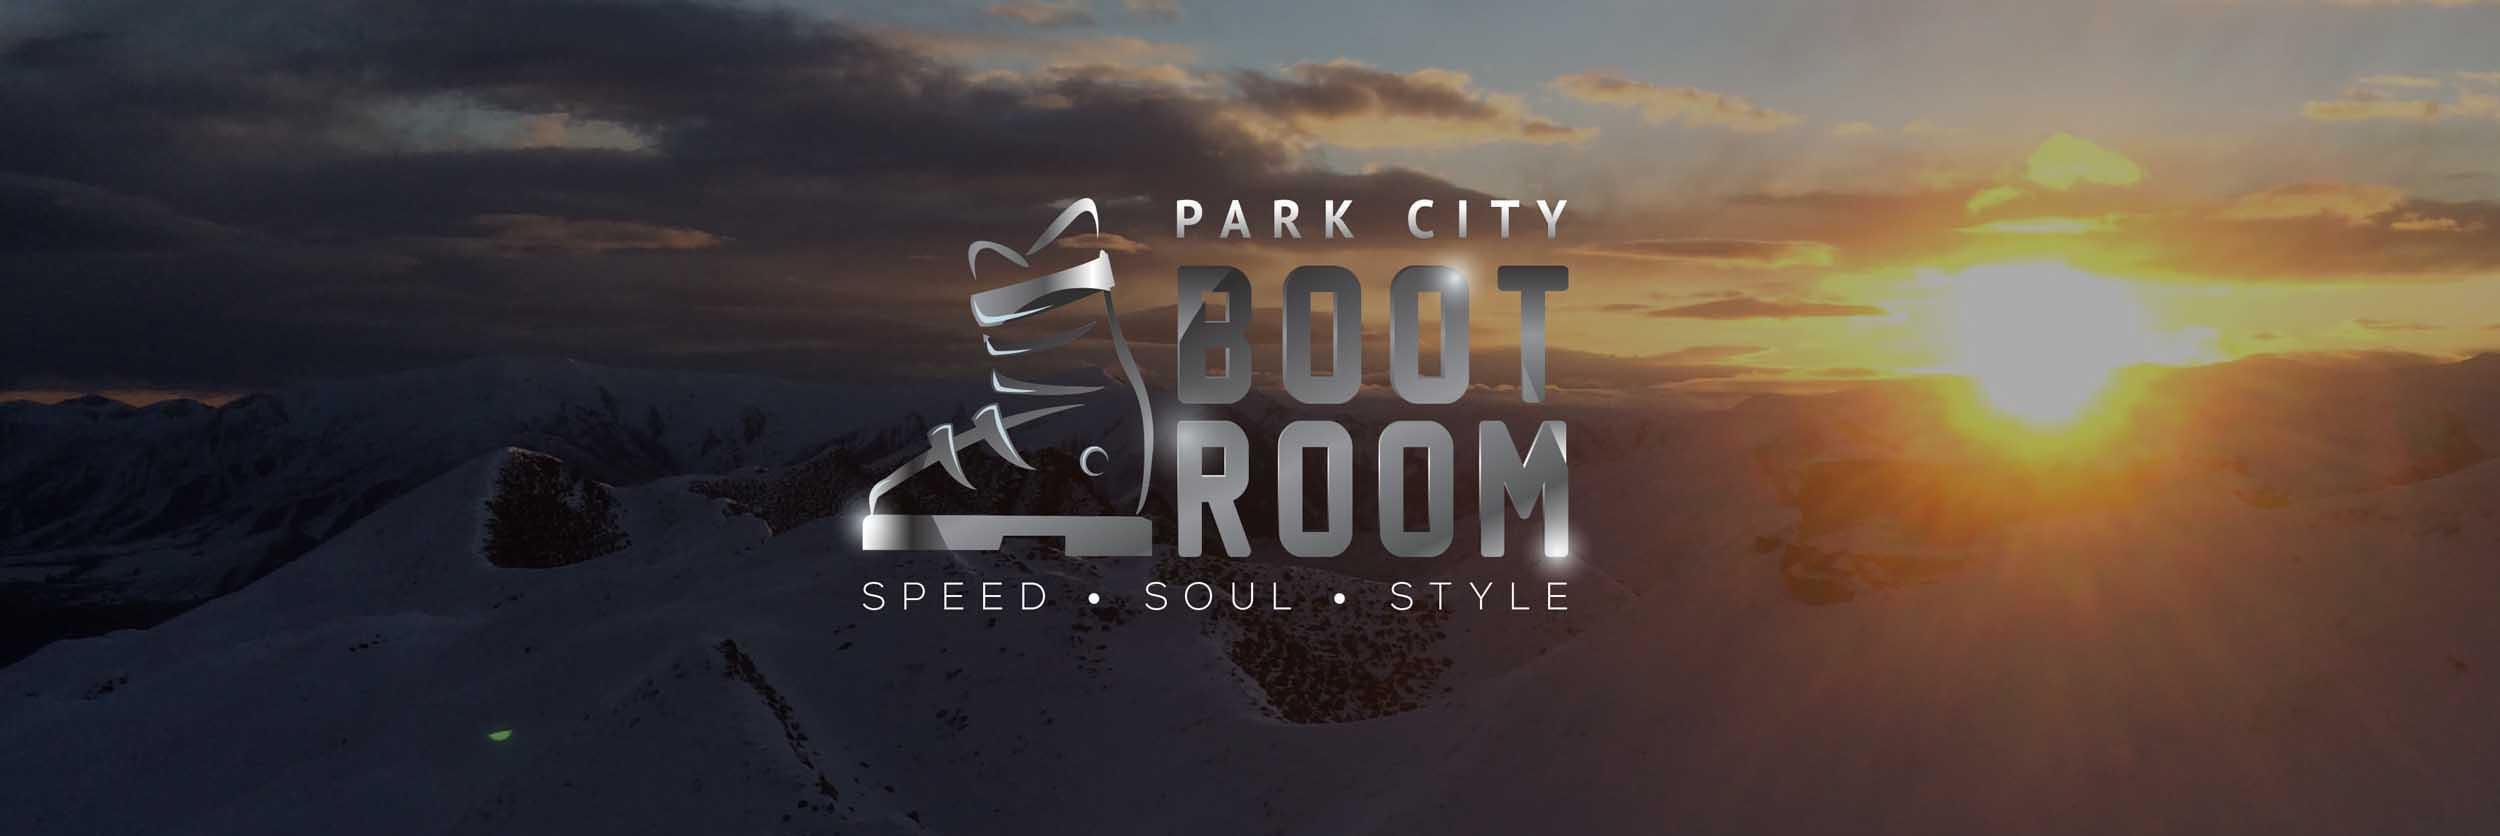 565cb6a0136 Park City Boot Room - Custom Ski Boot Fitter